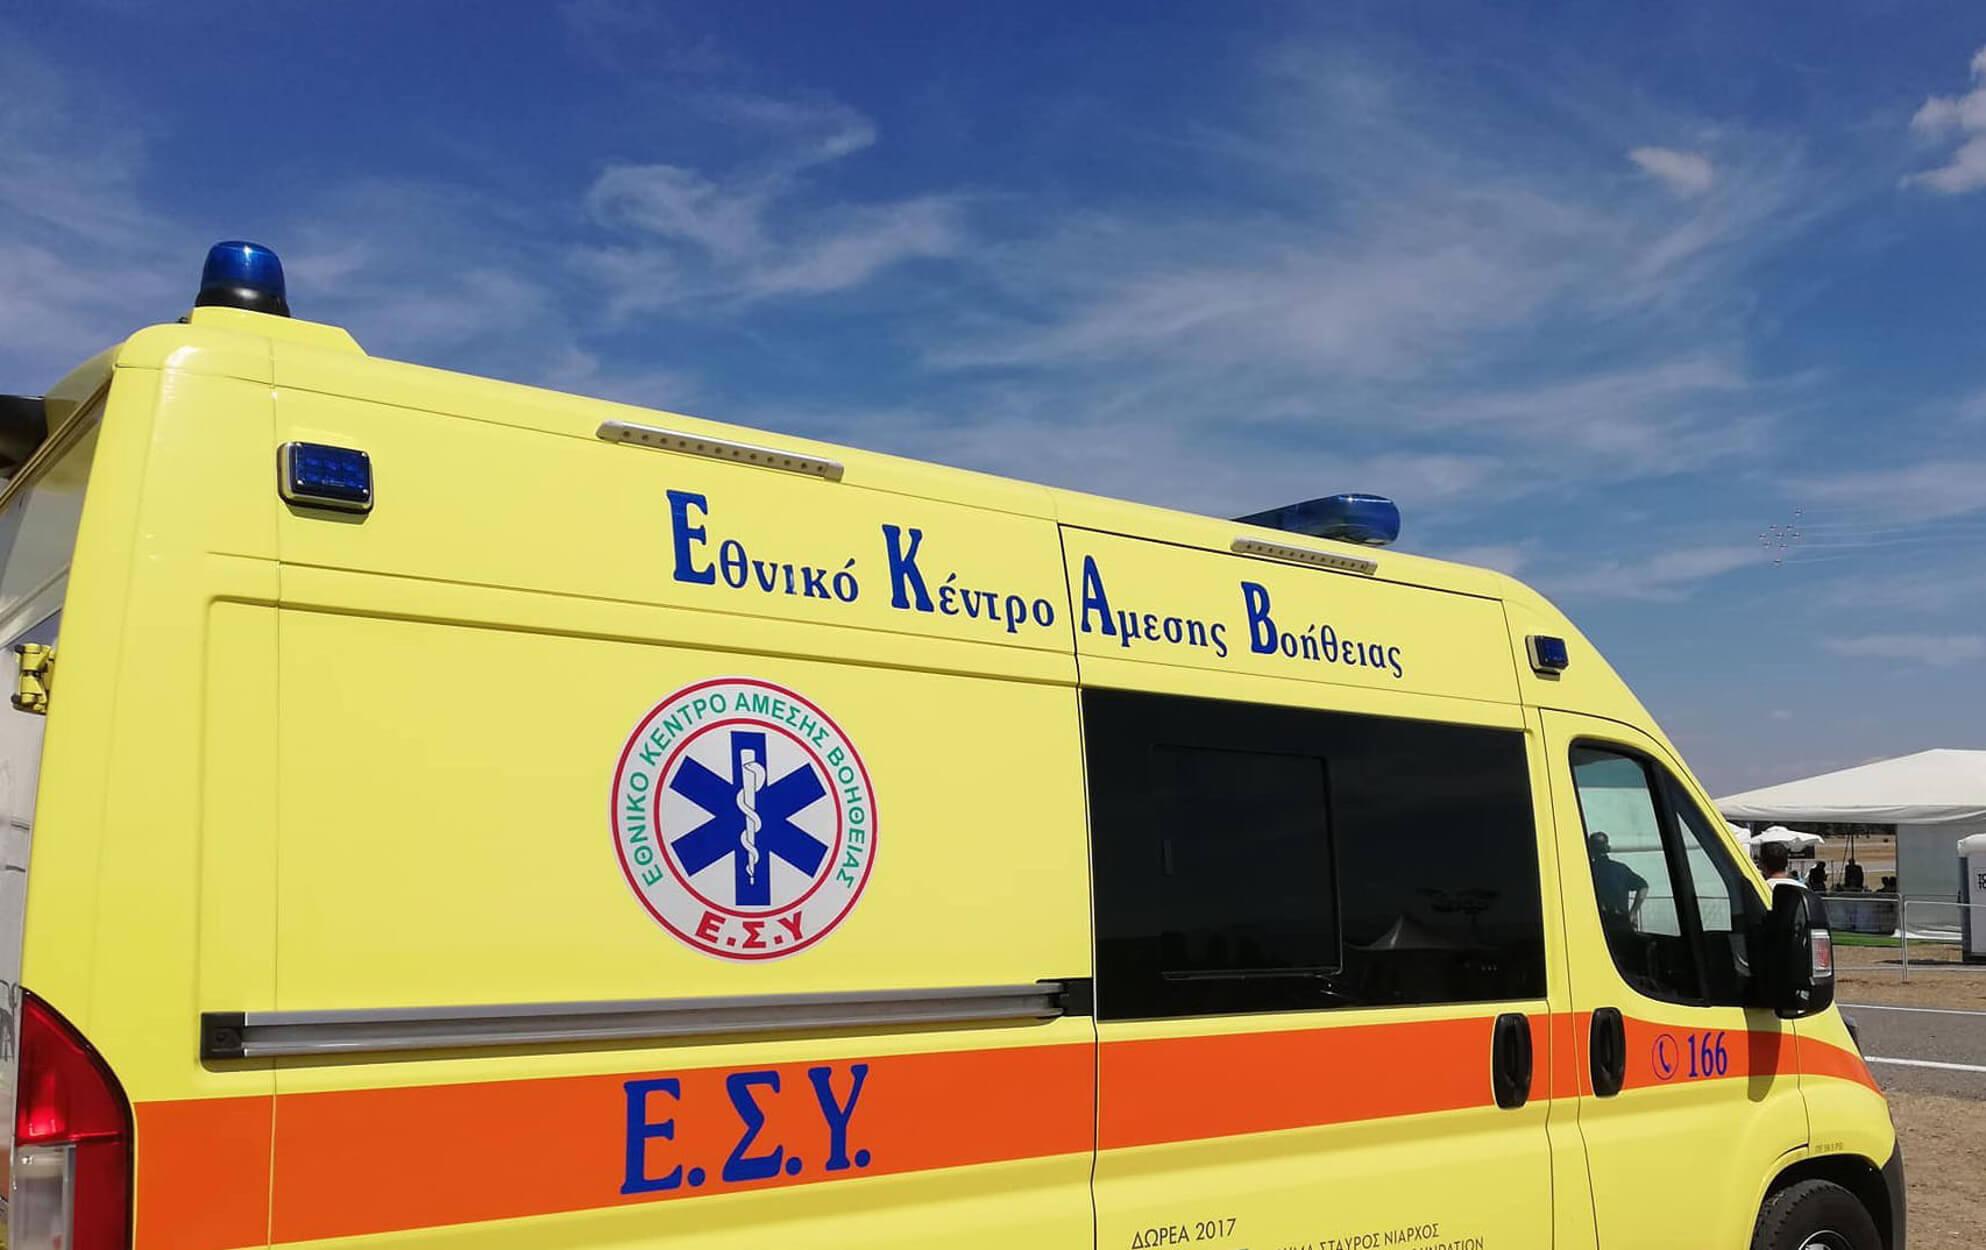 Ηράκλειο: Μητέρα και τα δυο παιδιά της εγκλωβίστηκαν μετά από τροχαίο